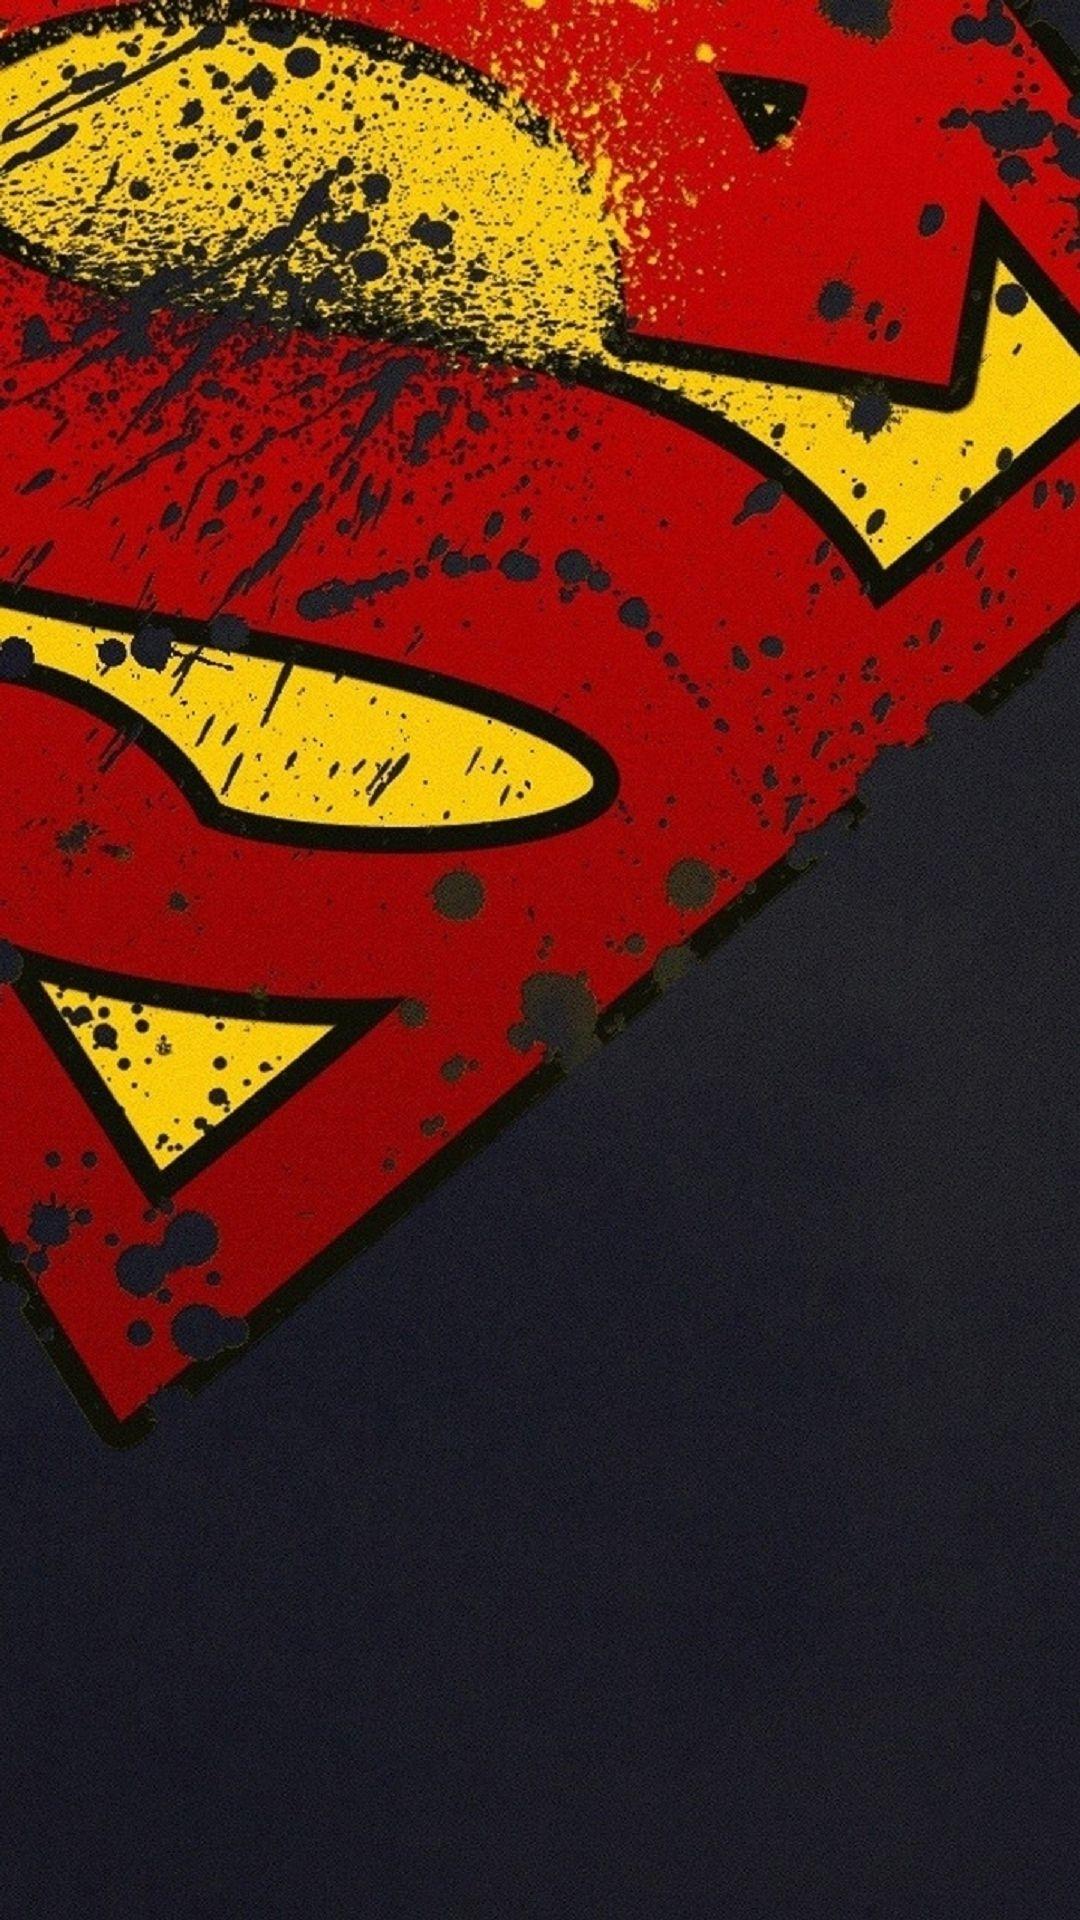 superman logo iphone wallpaper hd - wallpapersafari | free